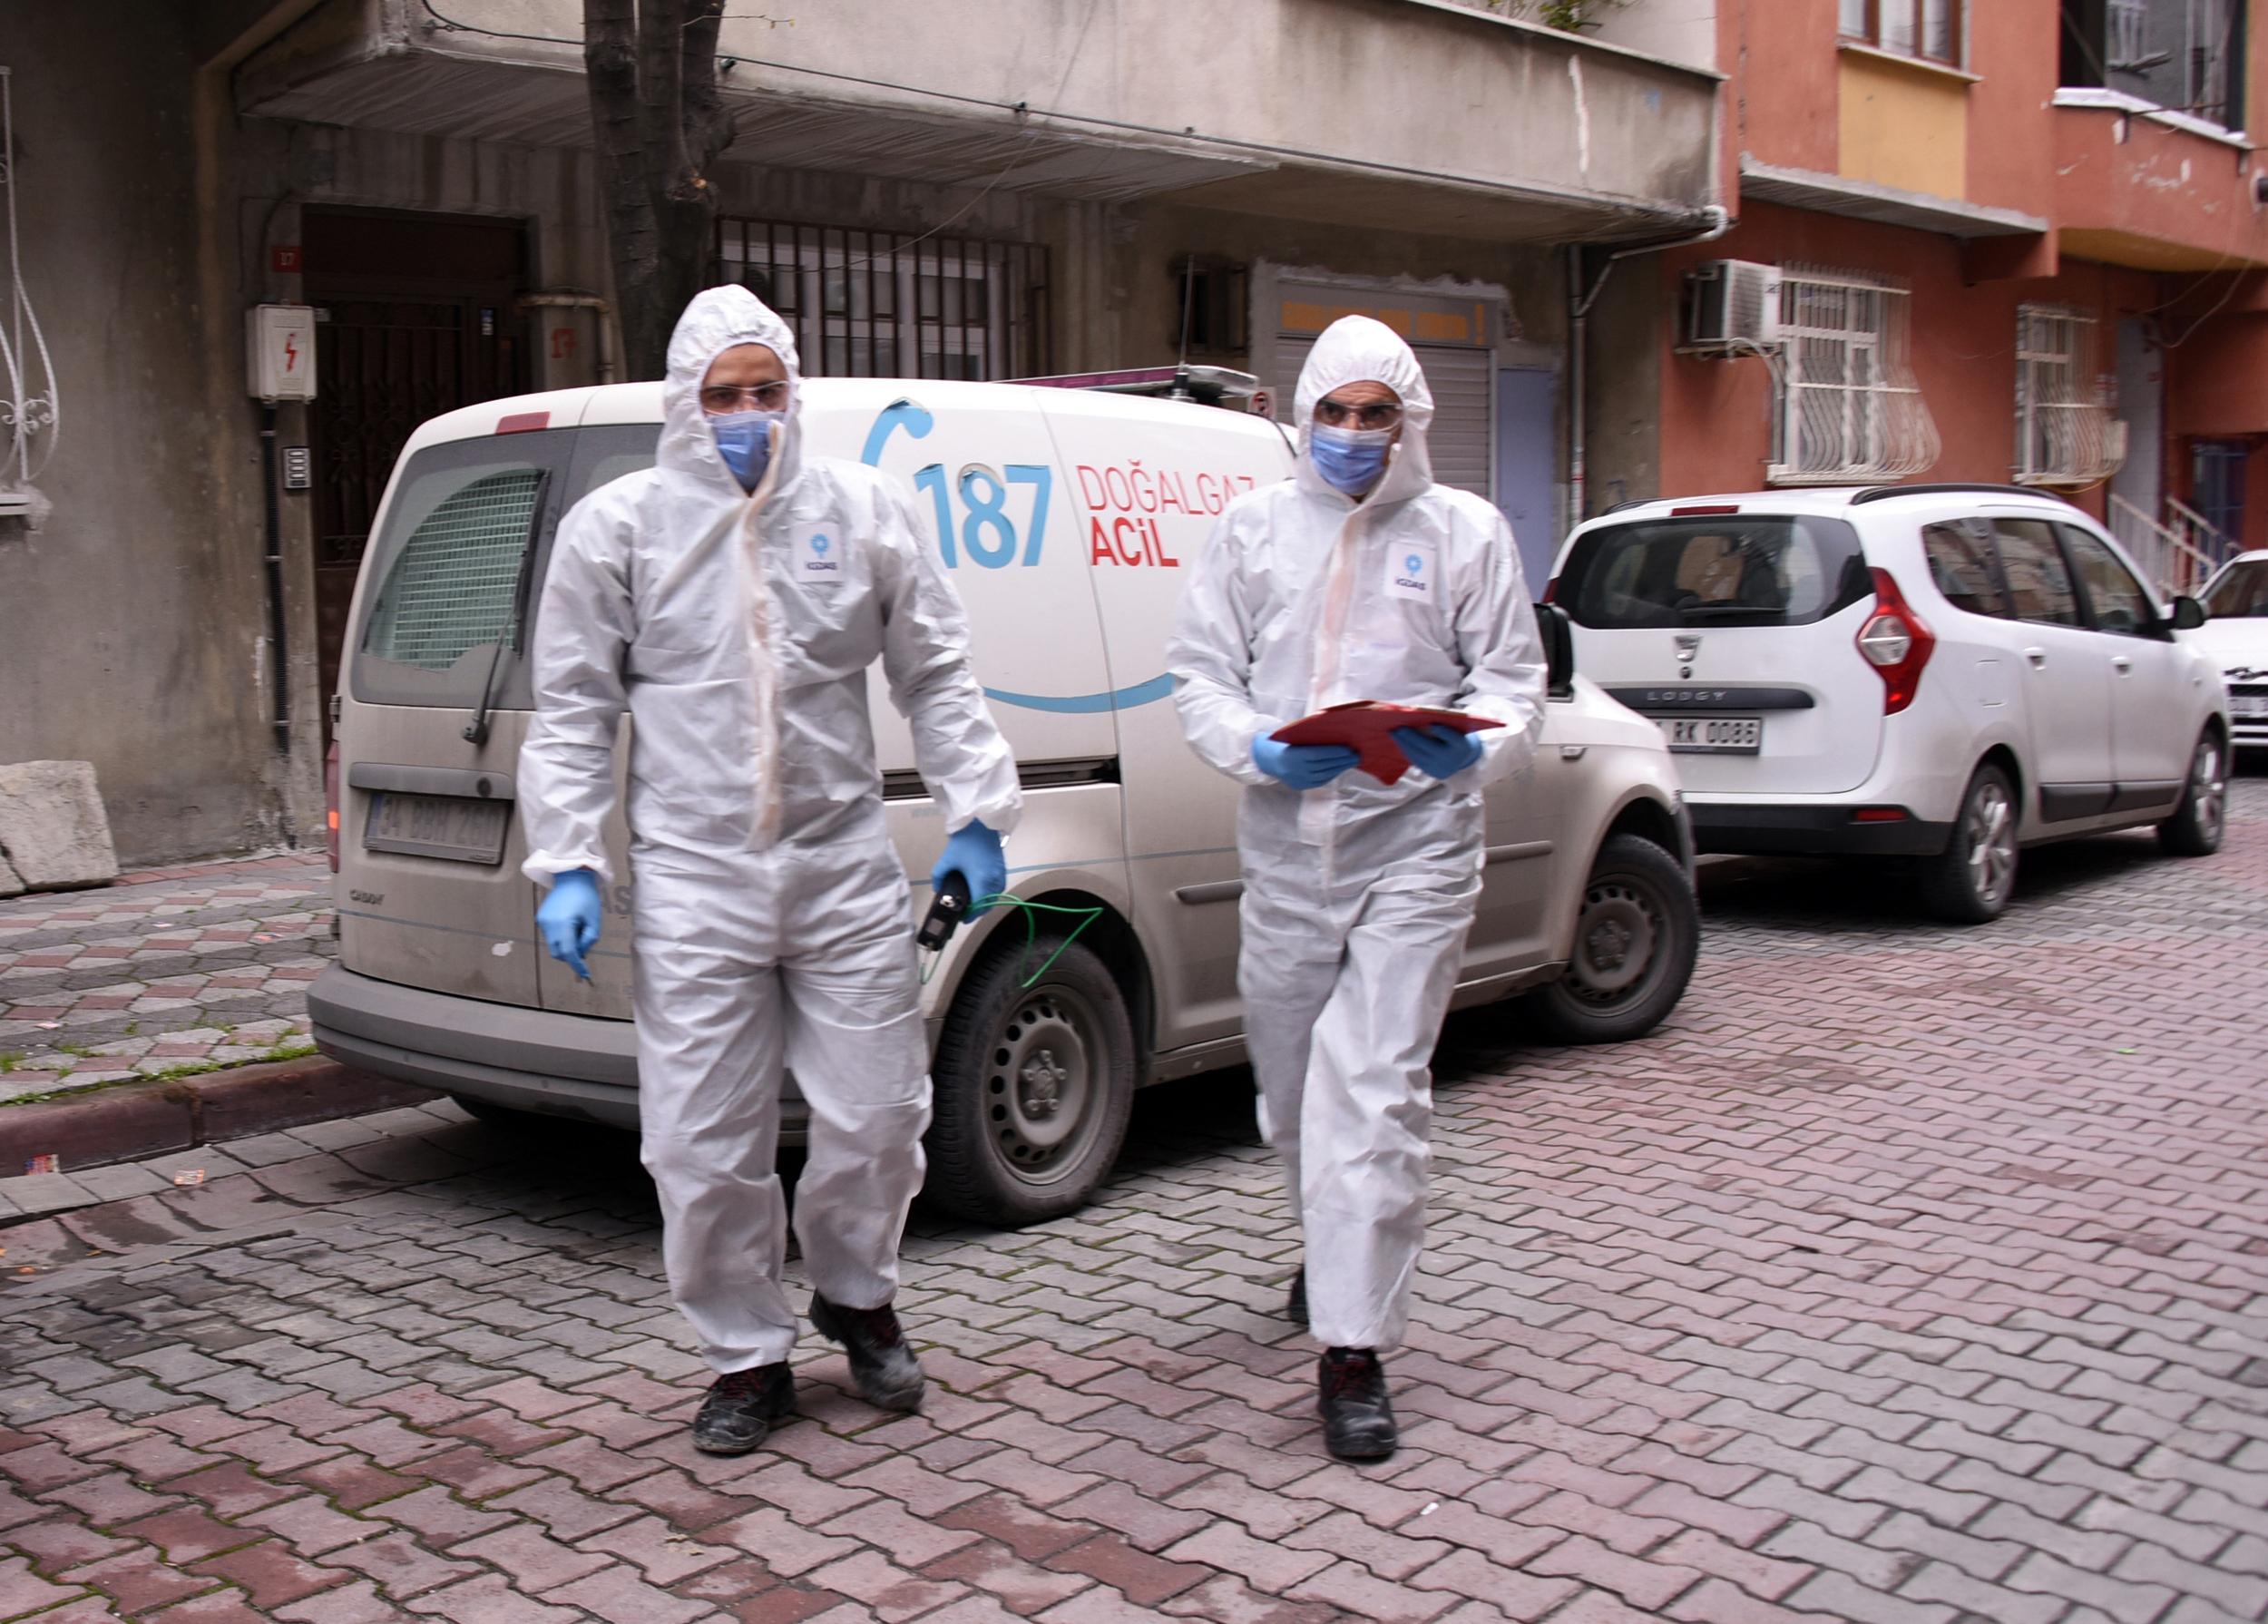 İBB Bayramda 14 Bin Personelle İş Başında Olacak - Haberler - İstanbul İtfaiyesi